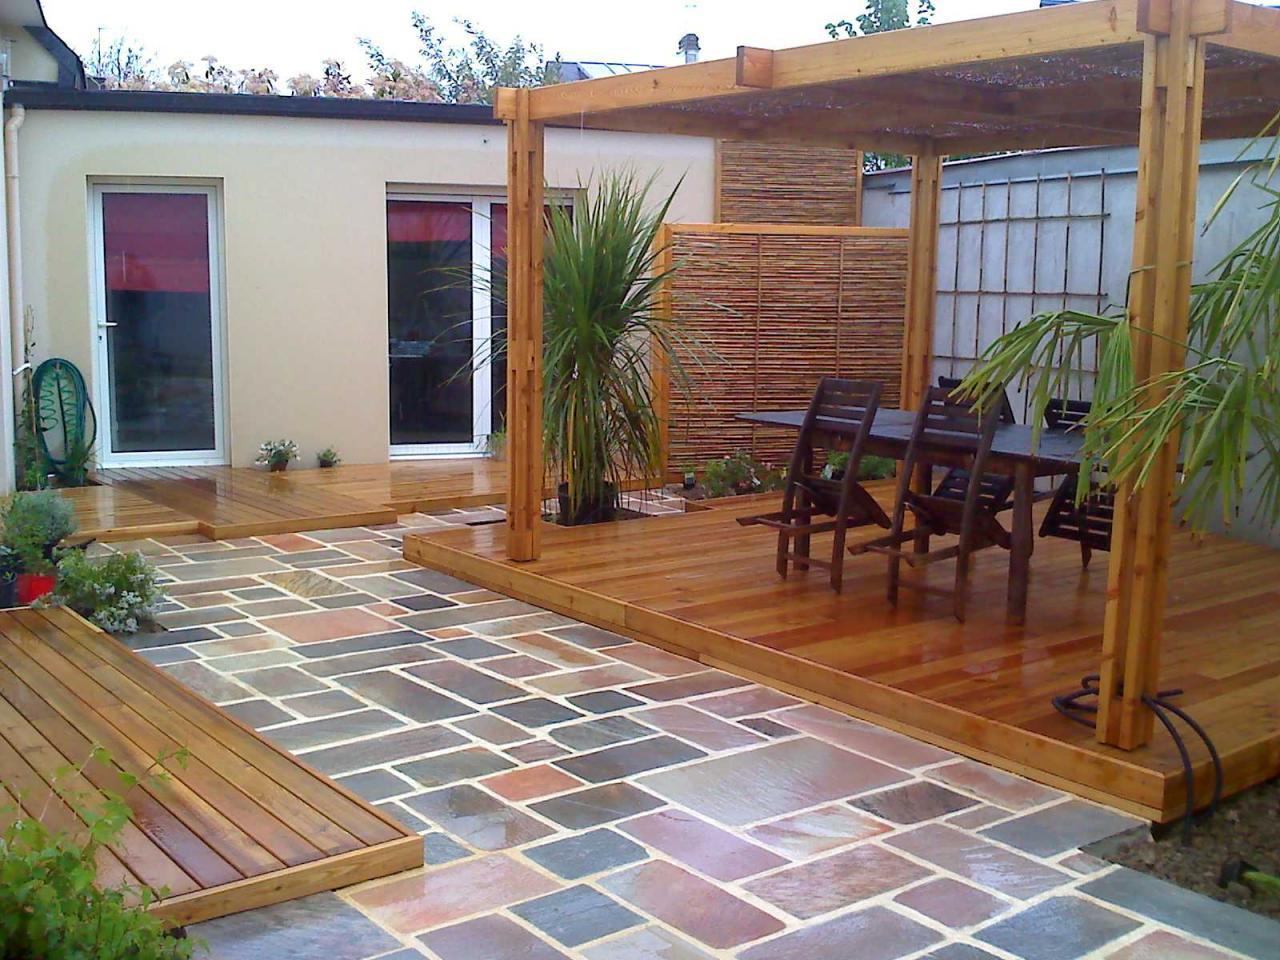 Jardin Sur Terrasse Idee Jardin De Terrasse - Idees ... encequiconcerne Terrase De Jardin